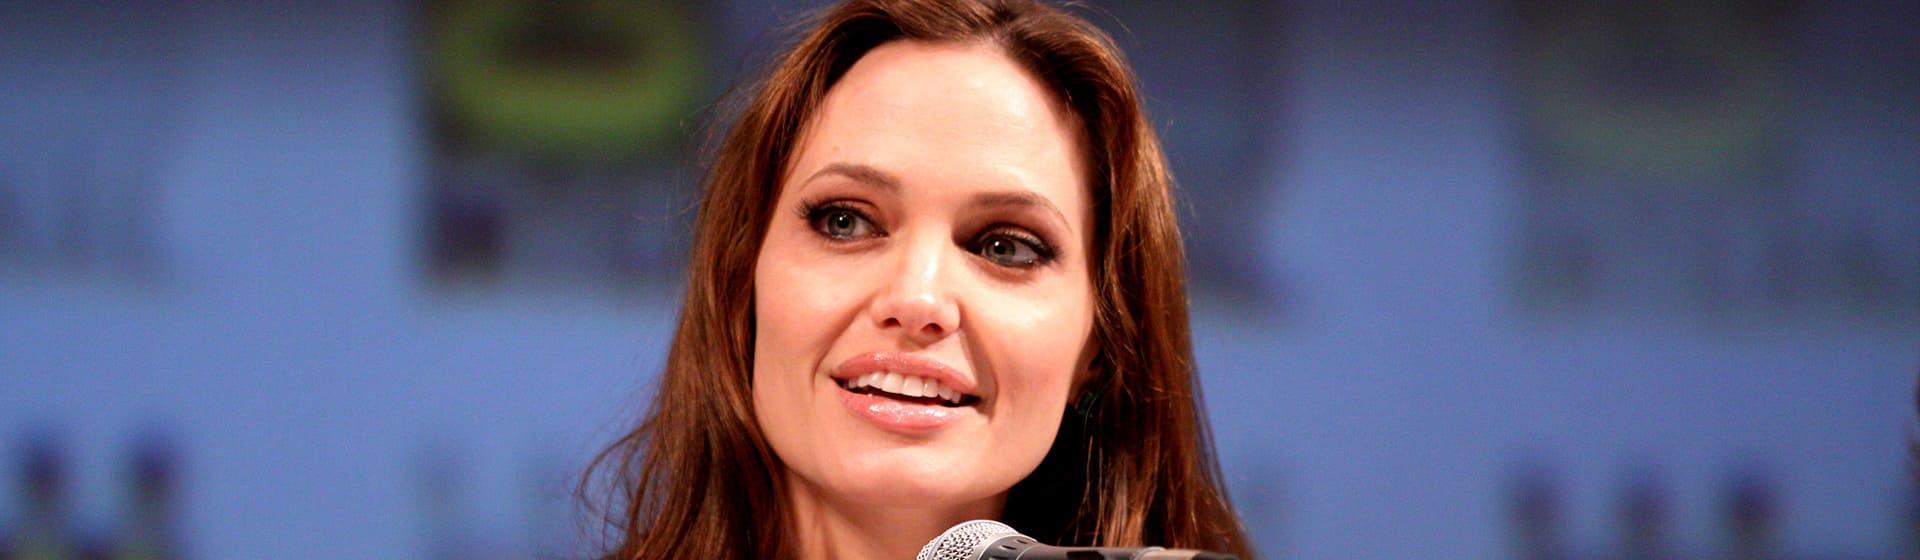 Анджелина Джоли - Мерч и одежда с атрибутикой